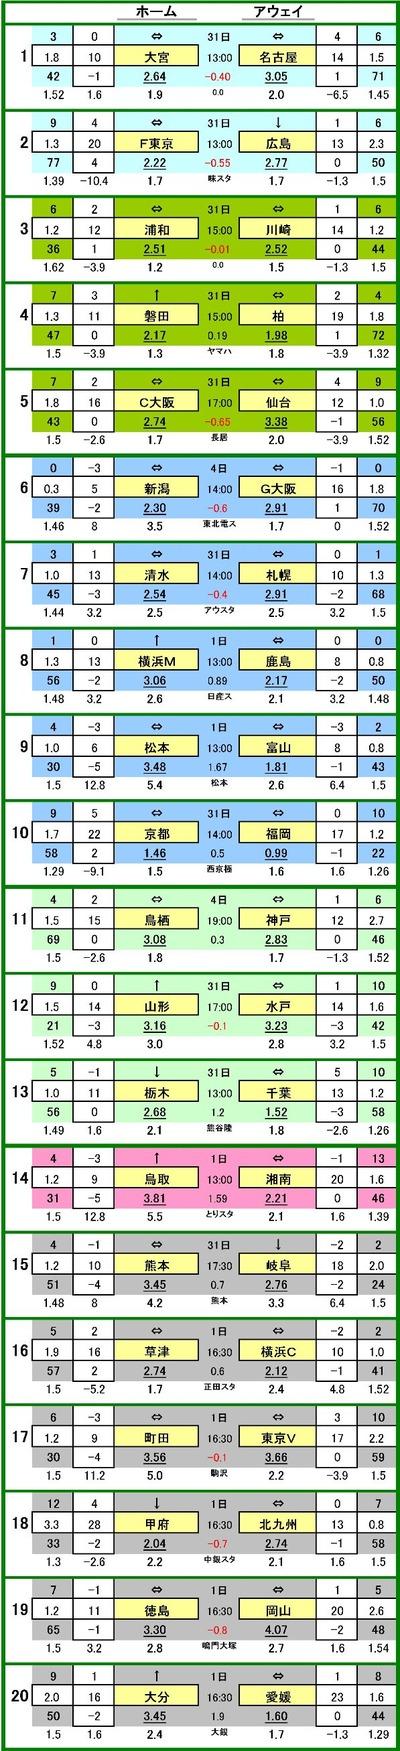 第555 回toto対戦データ一覧1 大宮アルディージャ VS 名古屋グランパス 30.0 % 35.0 % 35.0 %2 FC東京 VS サンフレッチェ広島 32.5 % 31.3 % 36.2 %3 浦和レッズ VS 川崎フロンターレ 23.5 % 44.7 % 31.8 %4 ジュビロ磐田 VS 柏レイソル 33.2 % 40.3 % 26.5 %5 セレッソ大阪 VS ベガルタ仙台 34.1 % 28.9 % 37.0 %6 アルビレックス新潟 VS ガンバ大阪 33.4 % 30.0 % 36.7 %7 清水エスパルス VS コンサドーレ札幌 29.4 % 35.8 % 34.7 %8 横浜F・マリノス VS 鹿島アントラーズ 39.1 % 22.7 % 38.2 %9 松本山雅 VS カターレ富山 48.8 % 11.3 % 40.0 %10 京都サンガ VS アビスパ福岡 35.6 % 33.1 % 31.3 %11 サガン鳥栖 VS ヴィッセル神戸 33.8 % 38.7 % 27.5 %12 モンテディオ山形 VS 水戸ホーリーホック 24.5 % 43.3 % 32.2 %13 栃木SC VS ジェフ千葉 57.5 % 2.5 % 40.0 %14 ガイナーレ鳥取 VS 湘南ベルマーレ 48.8 % 11.3 % 40.0 %15 ロアッソ熊本 VS FC岐阜 37.4 % 27.8 % 34.8 %16 ザスパ草津 VS 横浜FC 36.8 % 29.5 % 33.7 %17 FC町田ゼルビア VS 東京ヴェルディ 24.9 % 42.6 % 32.5 %18 ヴァンフォーレ甲府 VS ギラヴァンツ北九州 34.9 % 27.6 % 37.5 %19 徳島ヴォルティス VS ファジアーノ岡山 36.2 % 25.8 % 38.1 %20 大分トリニータ VS 愛媛FC 48.8 % 11.3 % 40.0 %